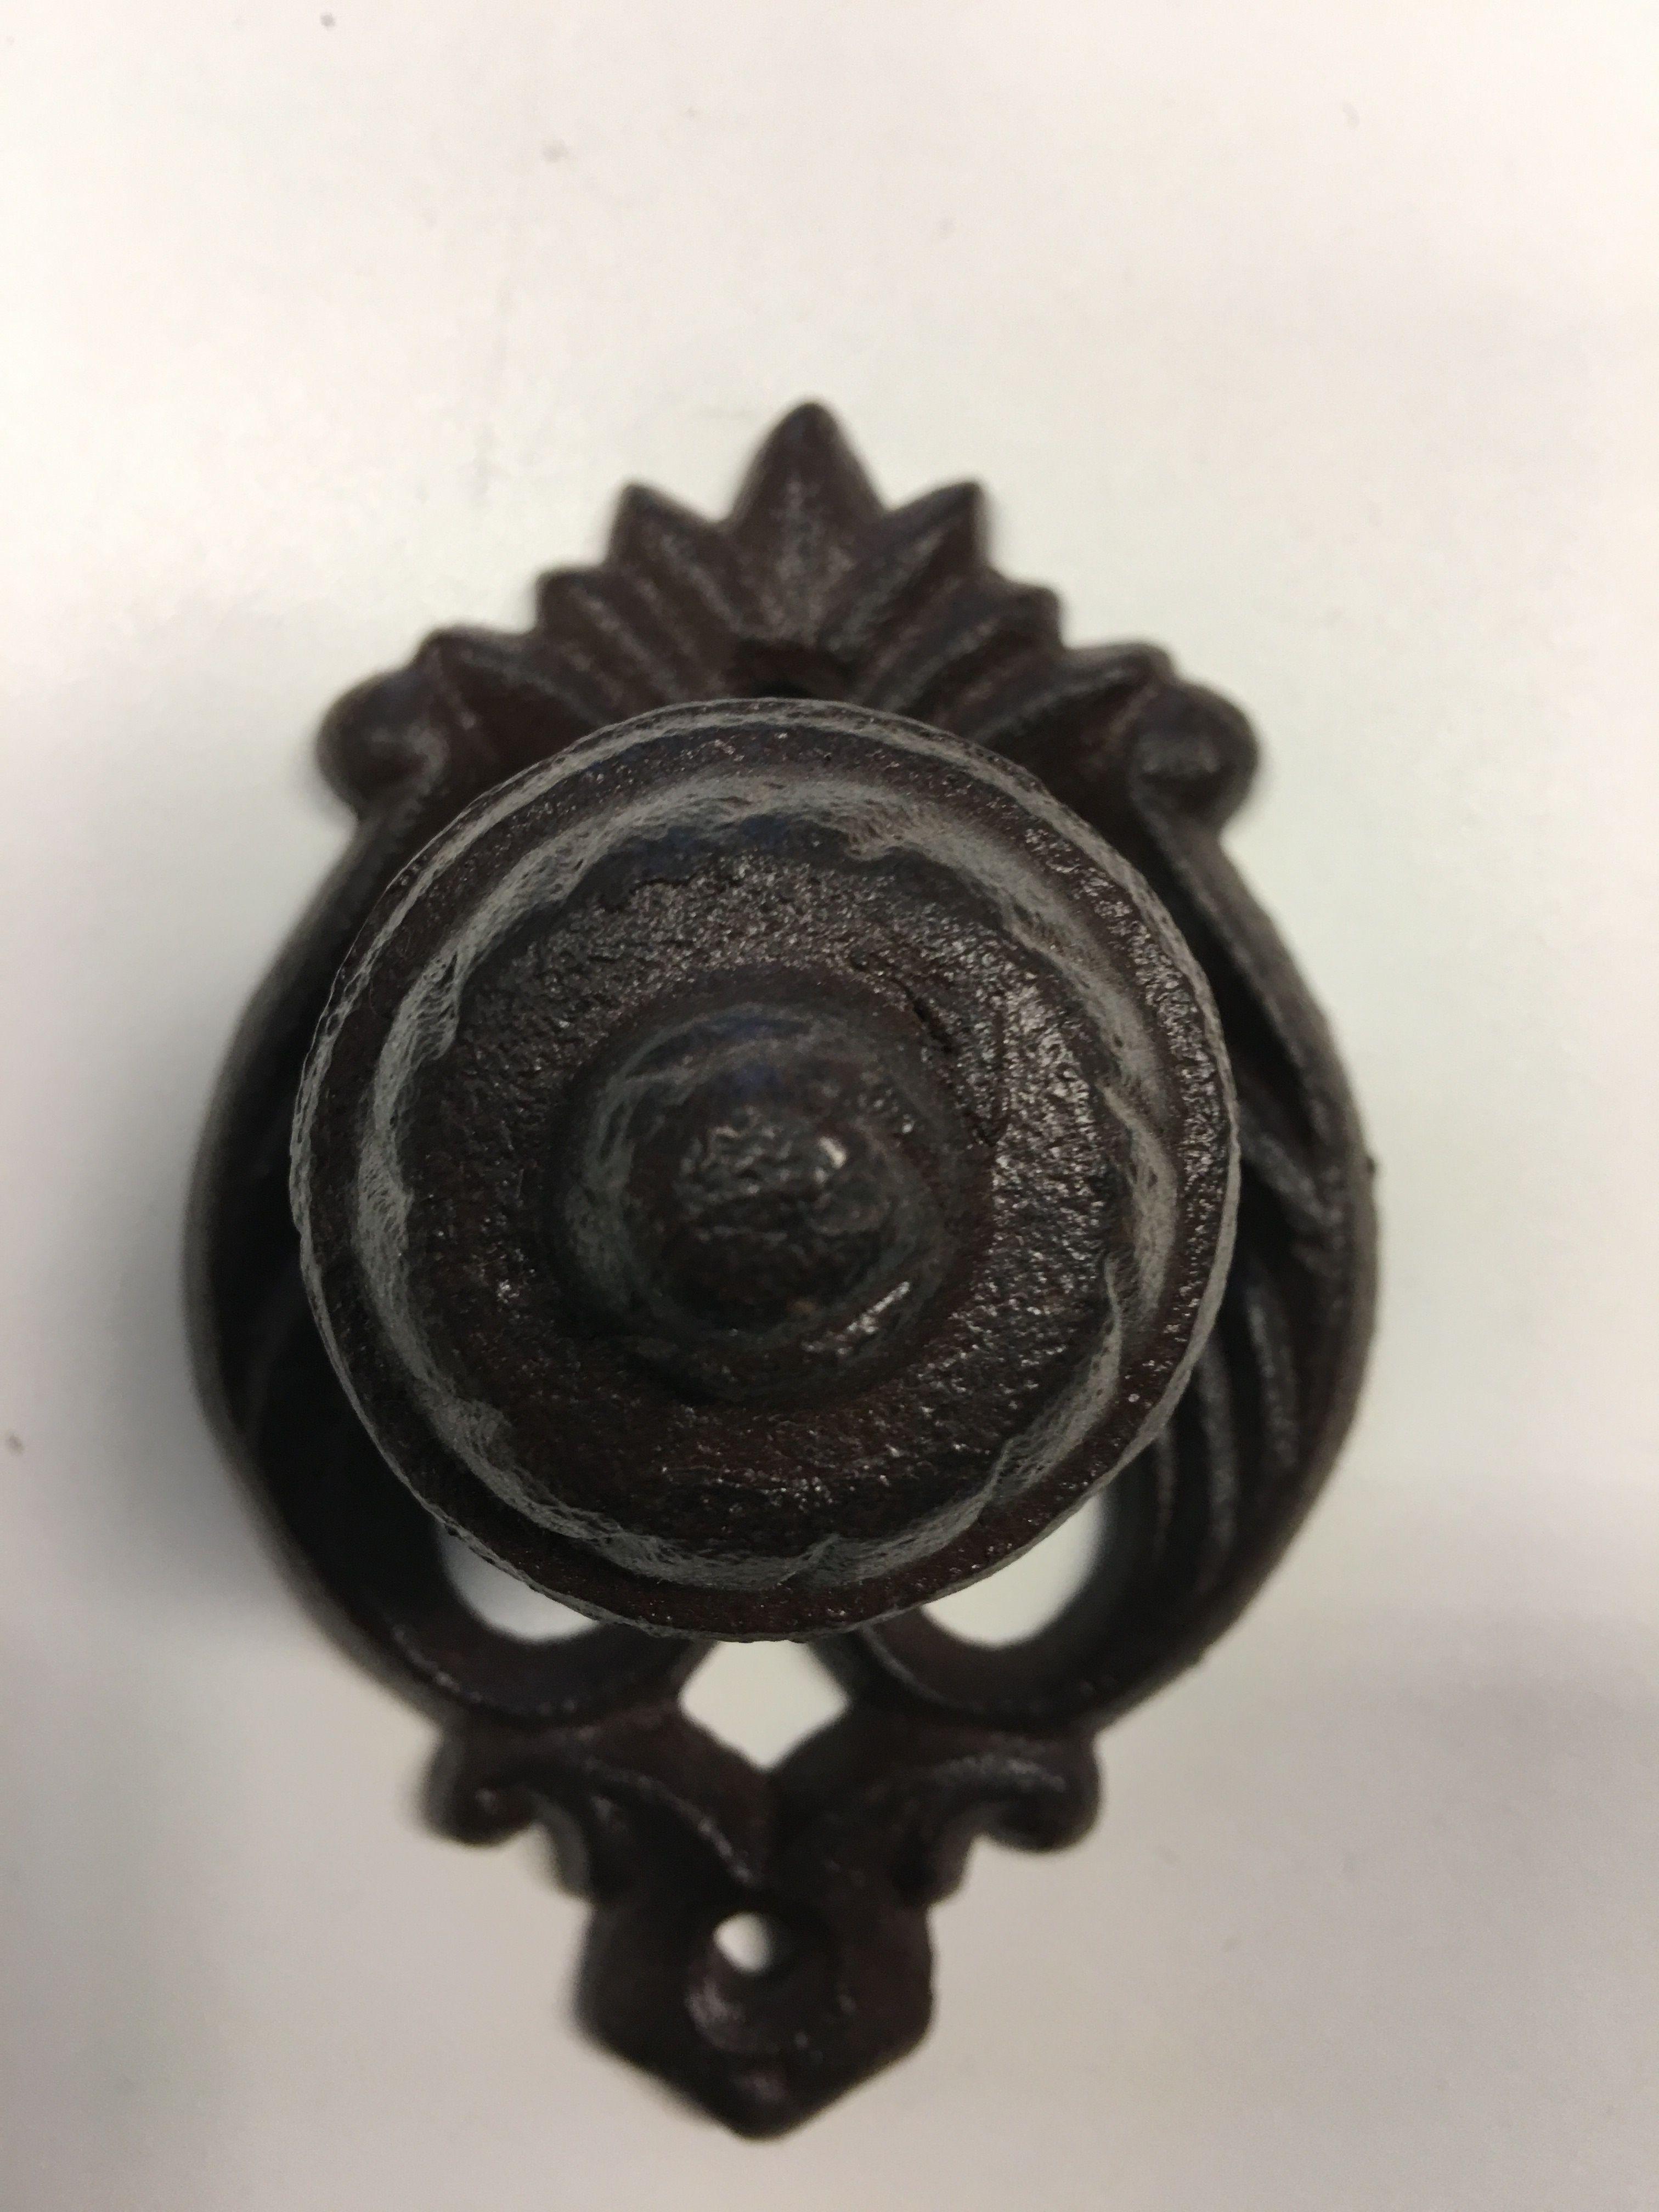 Spiksplinternieuw tags: knop, poort, deur, deurknop, deurbeslag, deurknoppen, houten JC-65